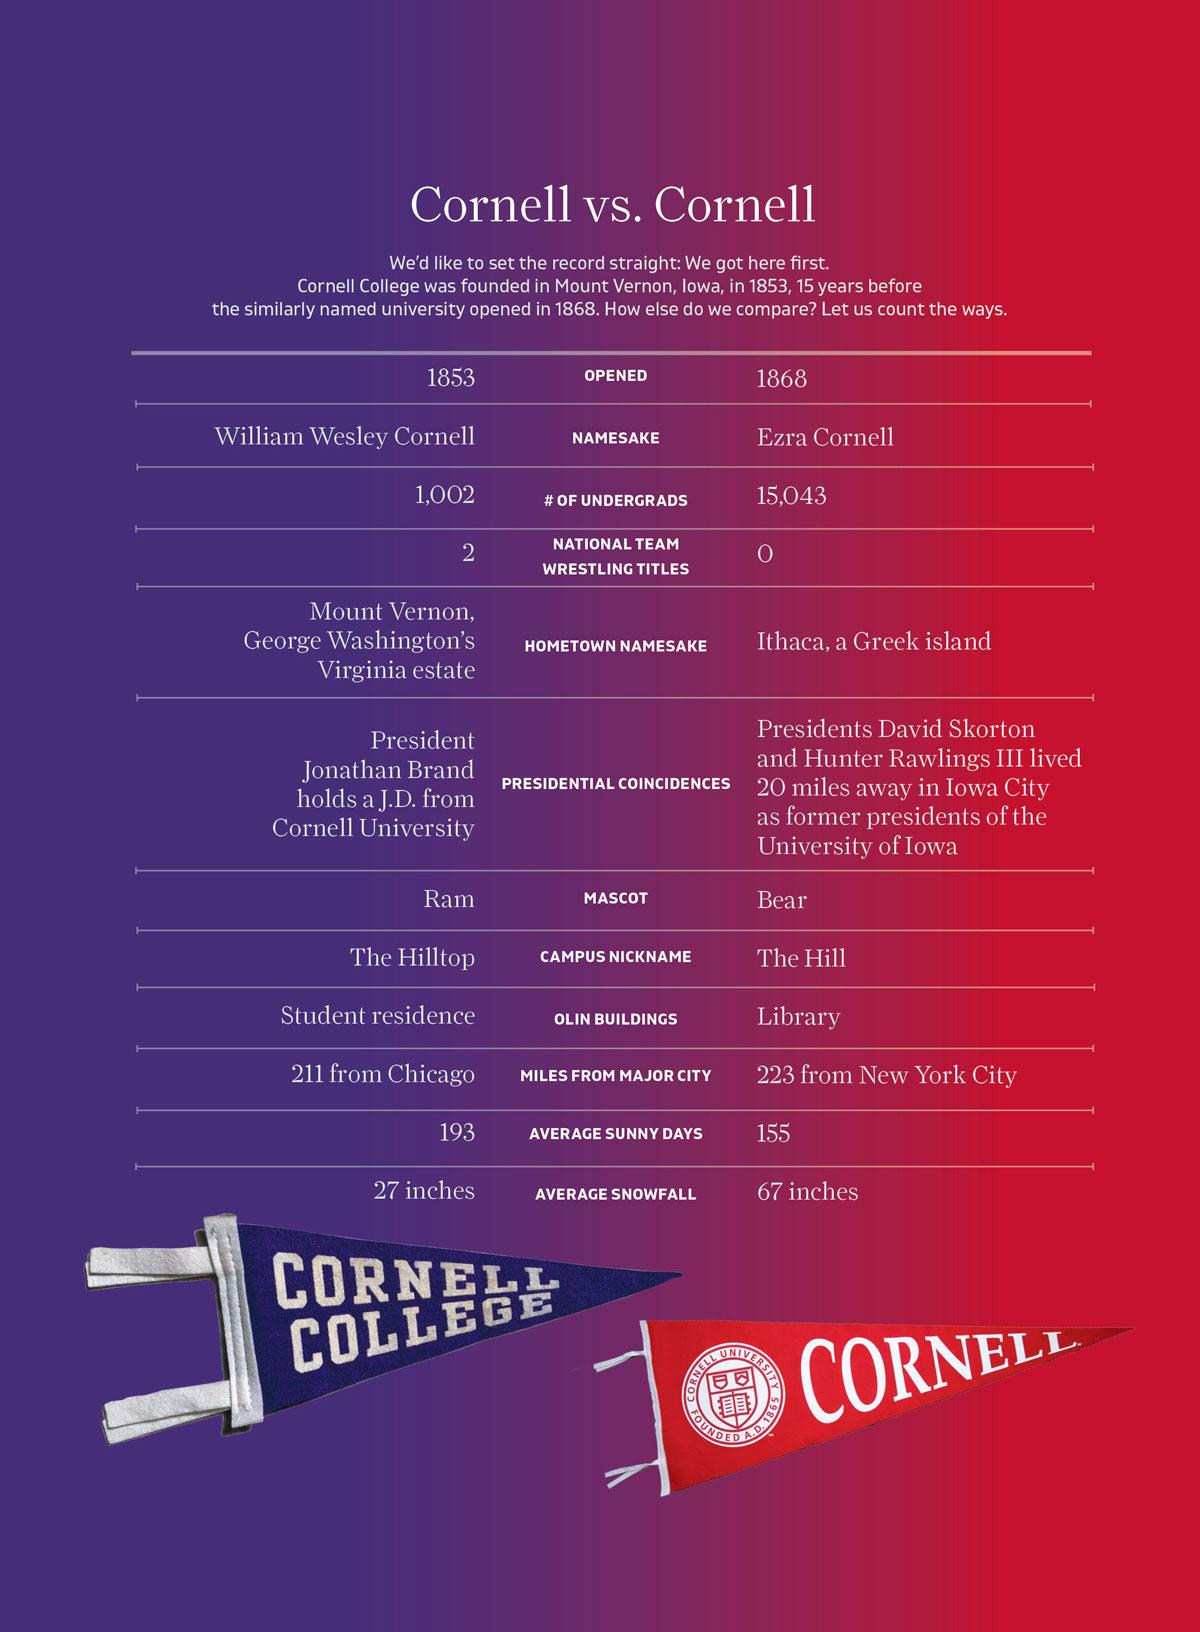 Cornell-vs-Cornell